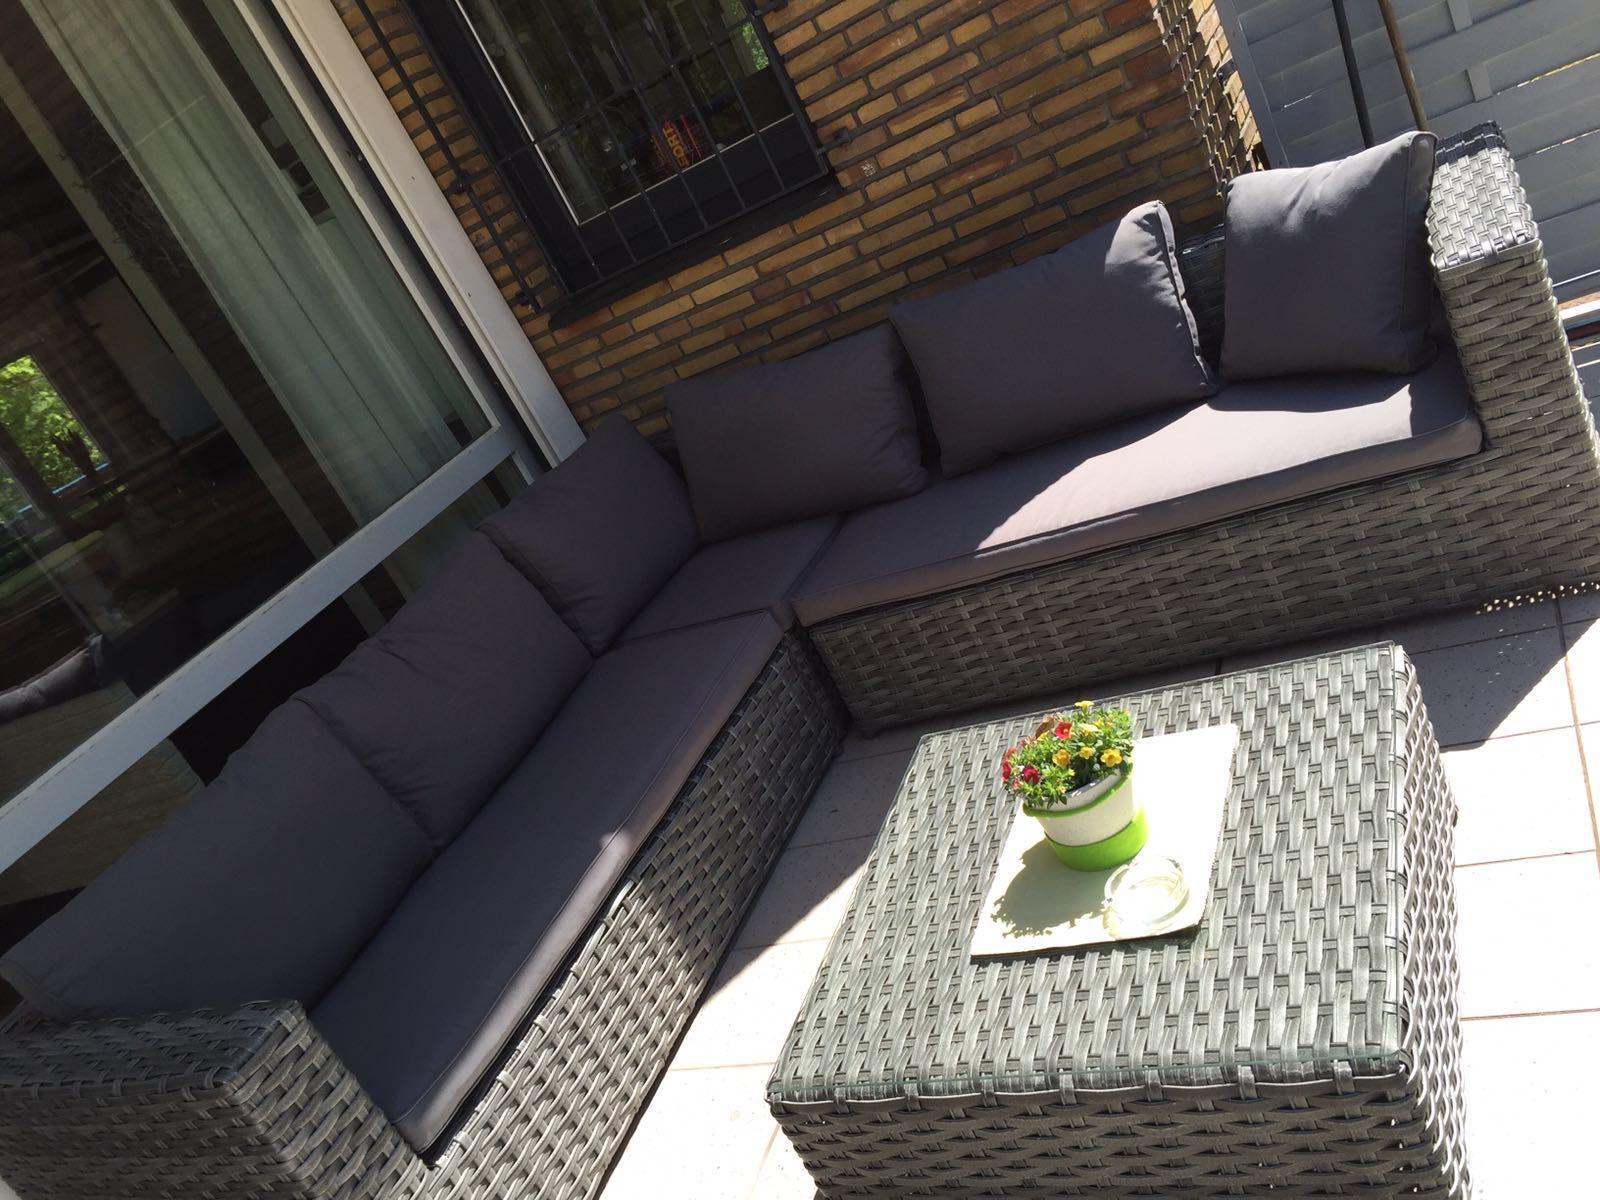 Full Size of Couch Terrasse Lounge Sofa Auf Der Tv Blau Wei Bottrop Ev Wohnzimmer Couch Terrasse